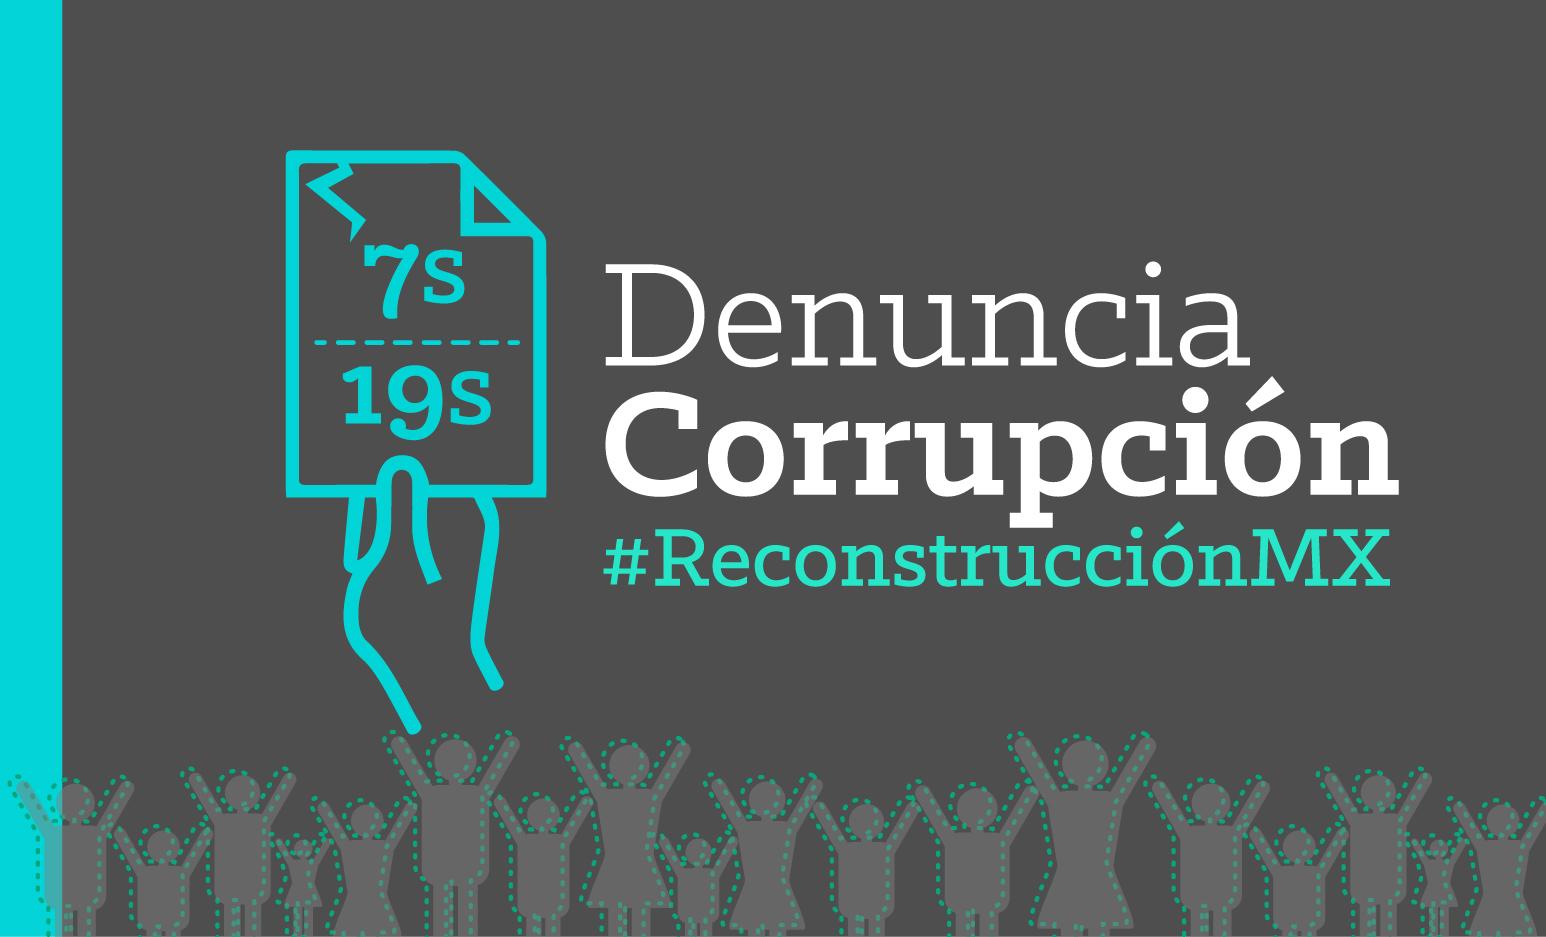 Denuncia por hechos de corrupción derivados del 7S y 19S